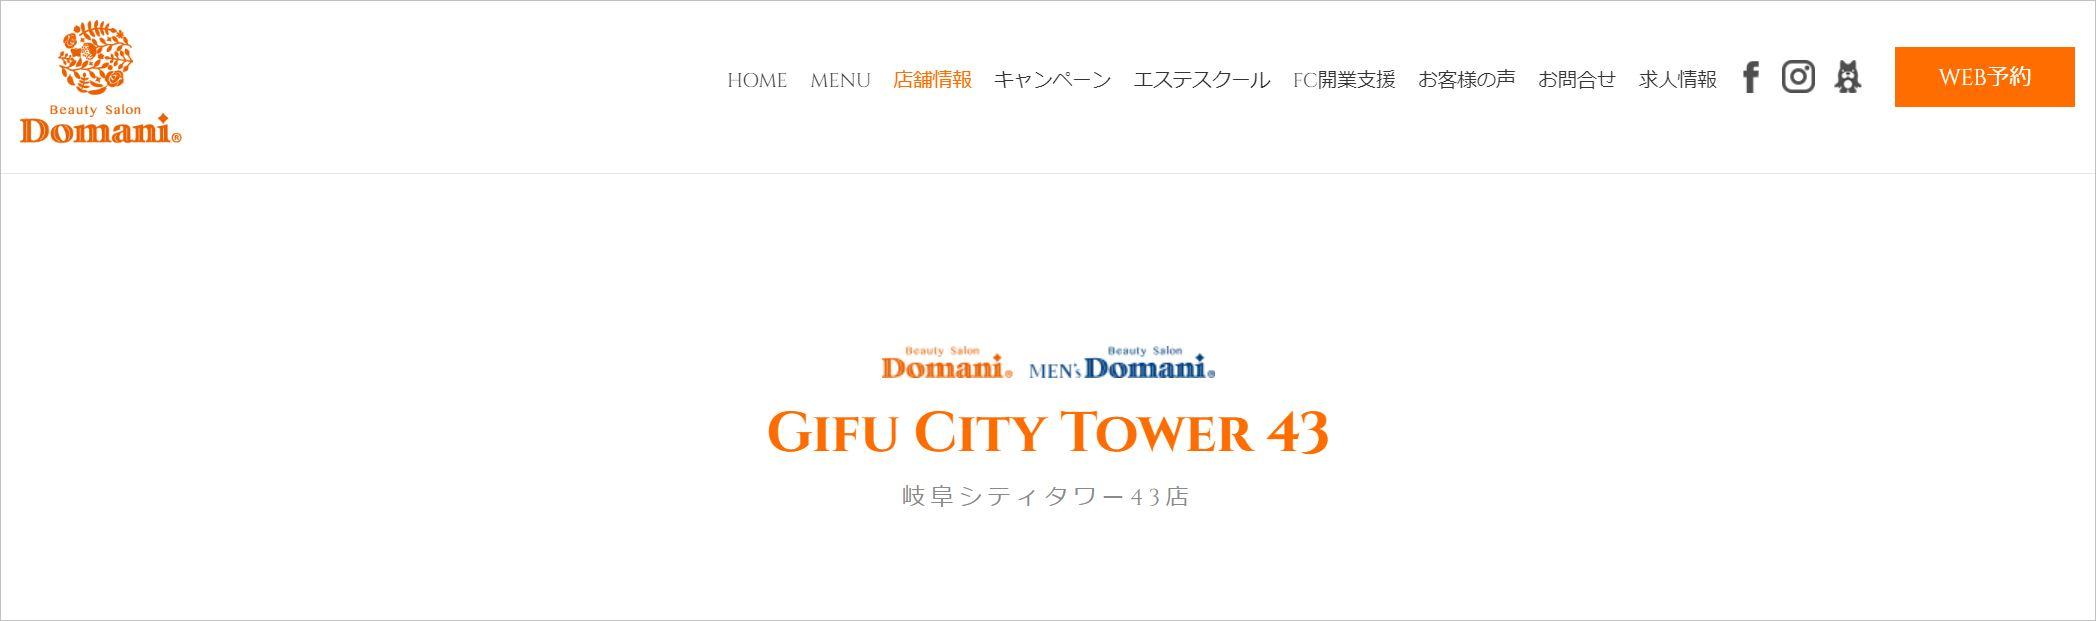 メンズドマーニ岐阜シティタワー43店の紹介ページ